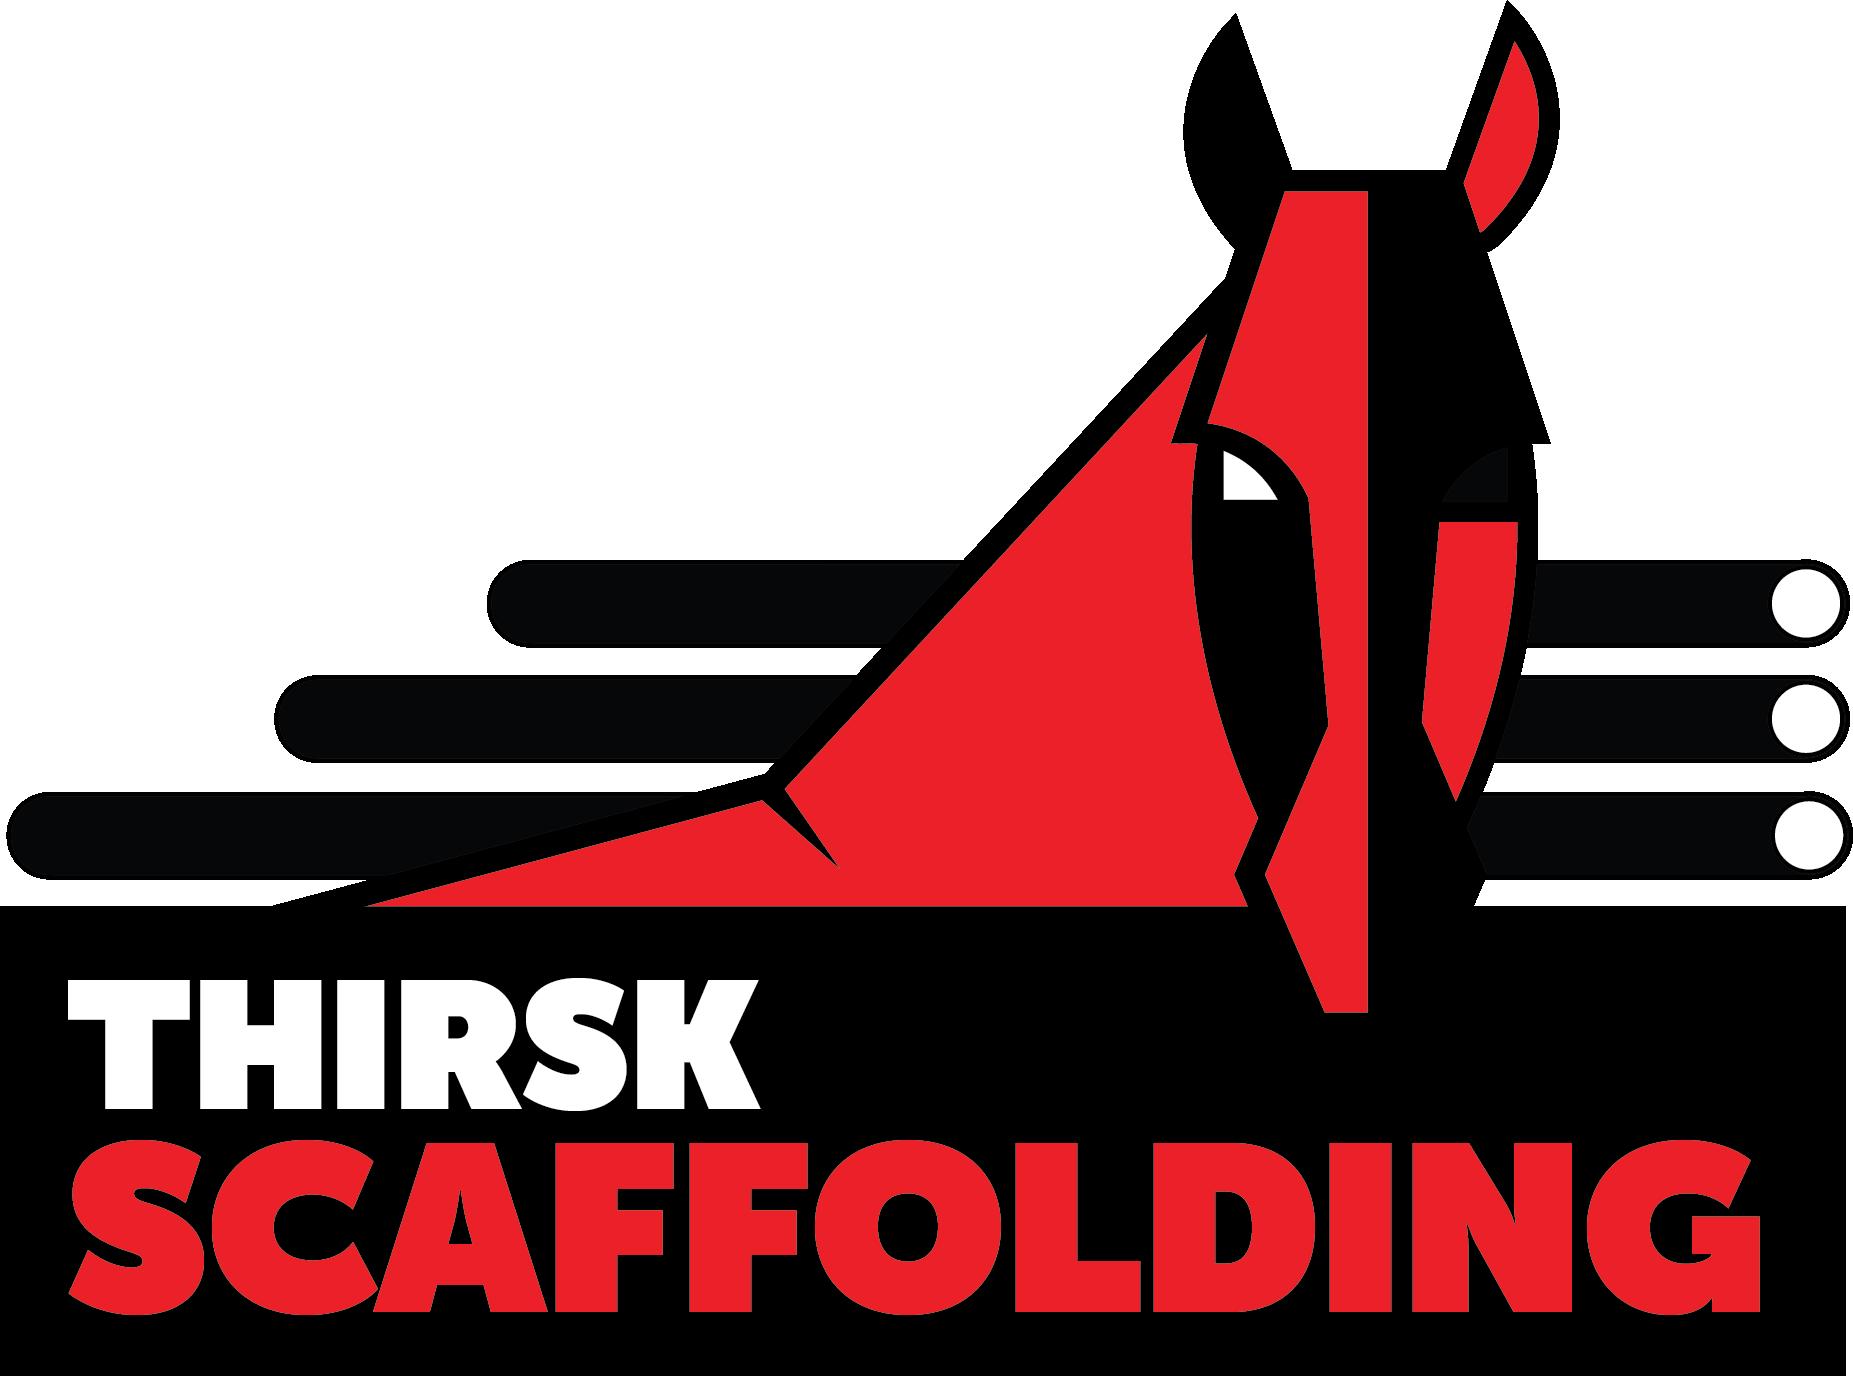 Thirsk Scaffolding logo 2019